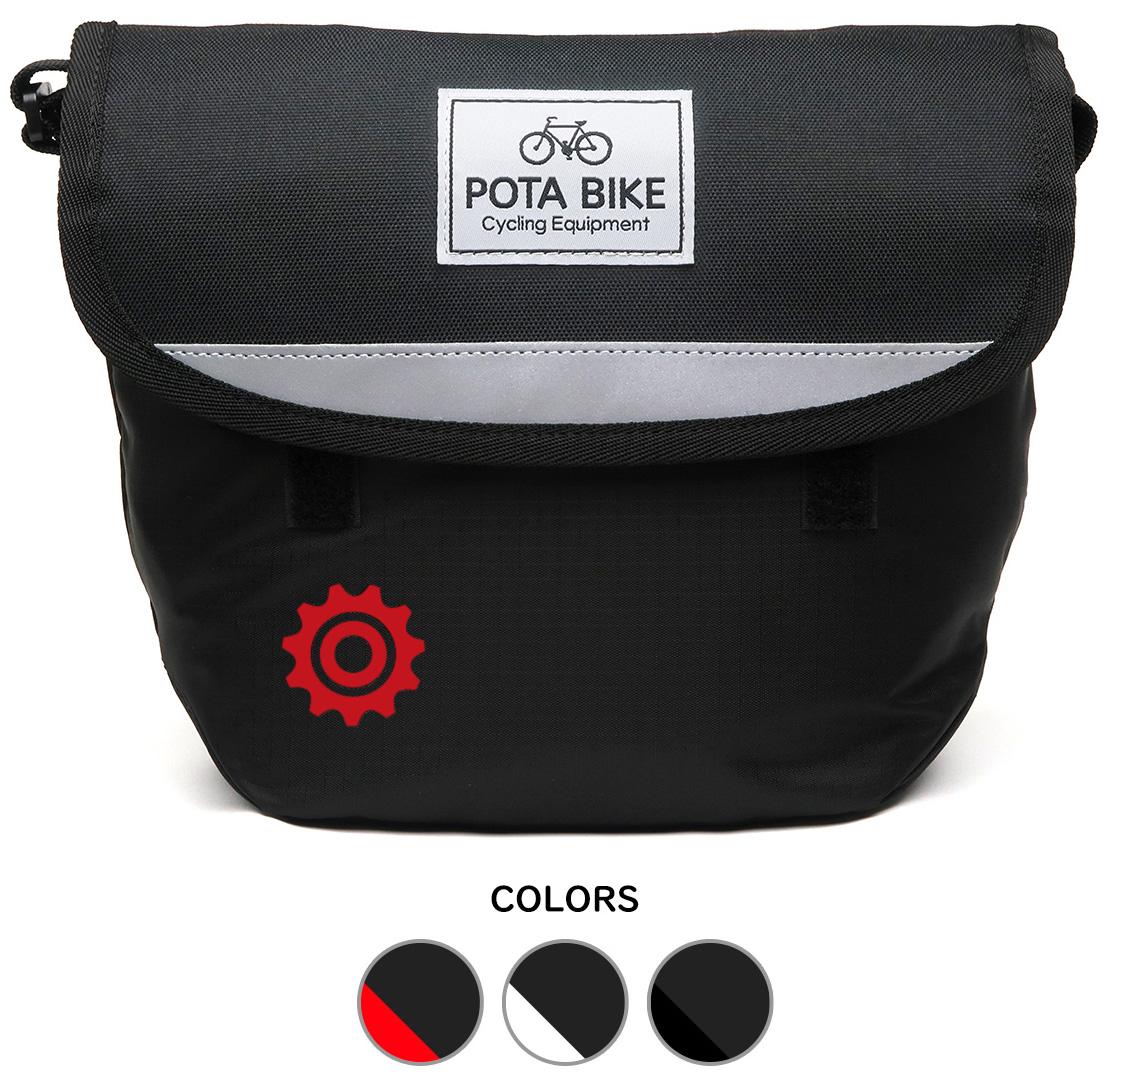 POTA BIKE シンプルフロントバッグの画像